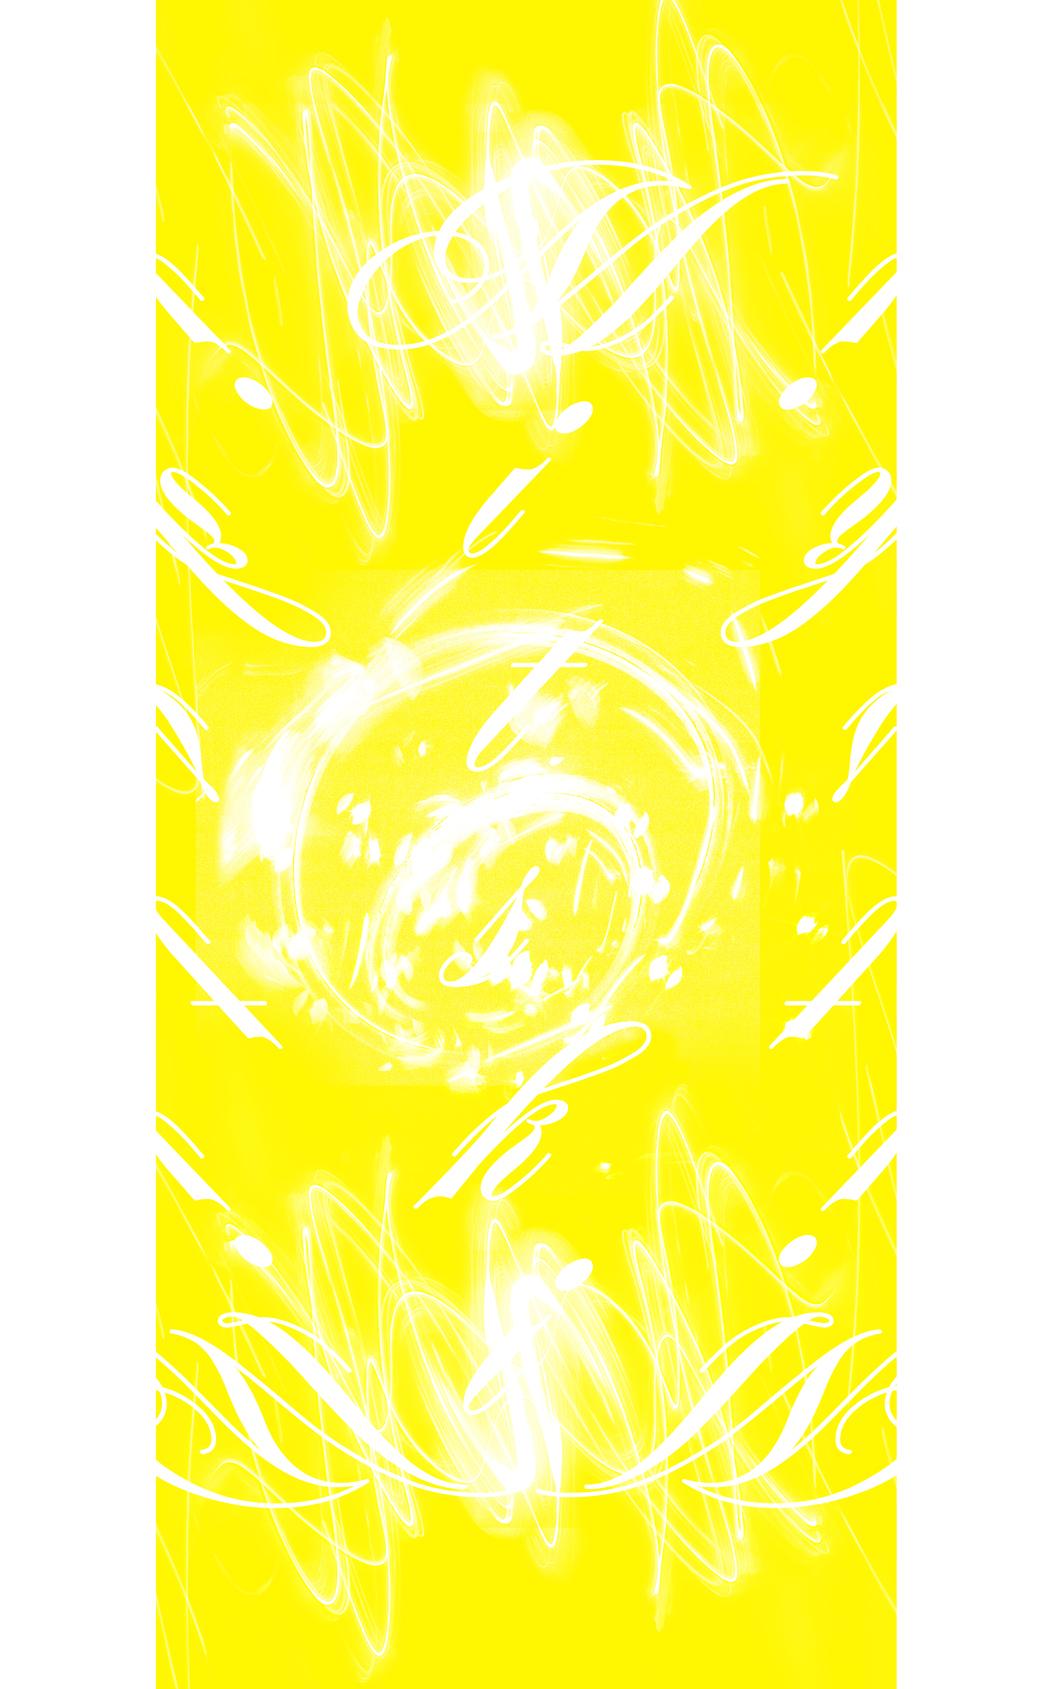 resize4.jpg